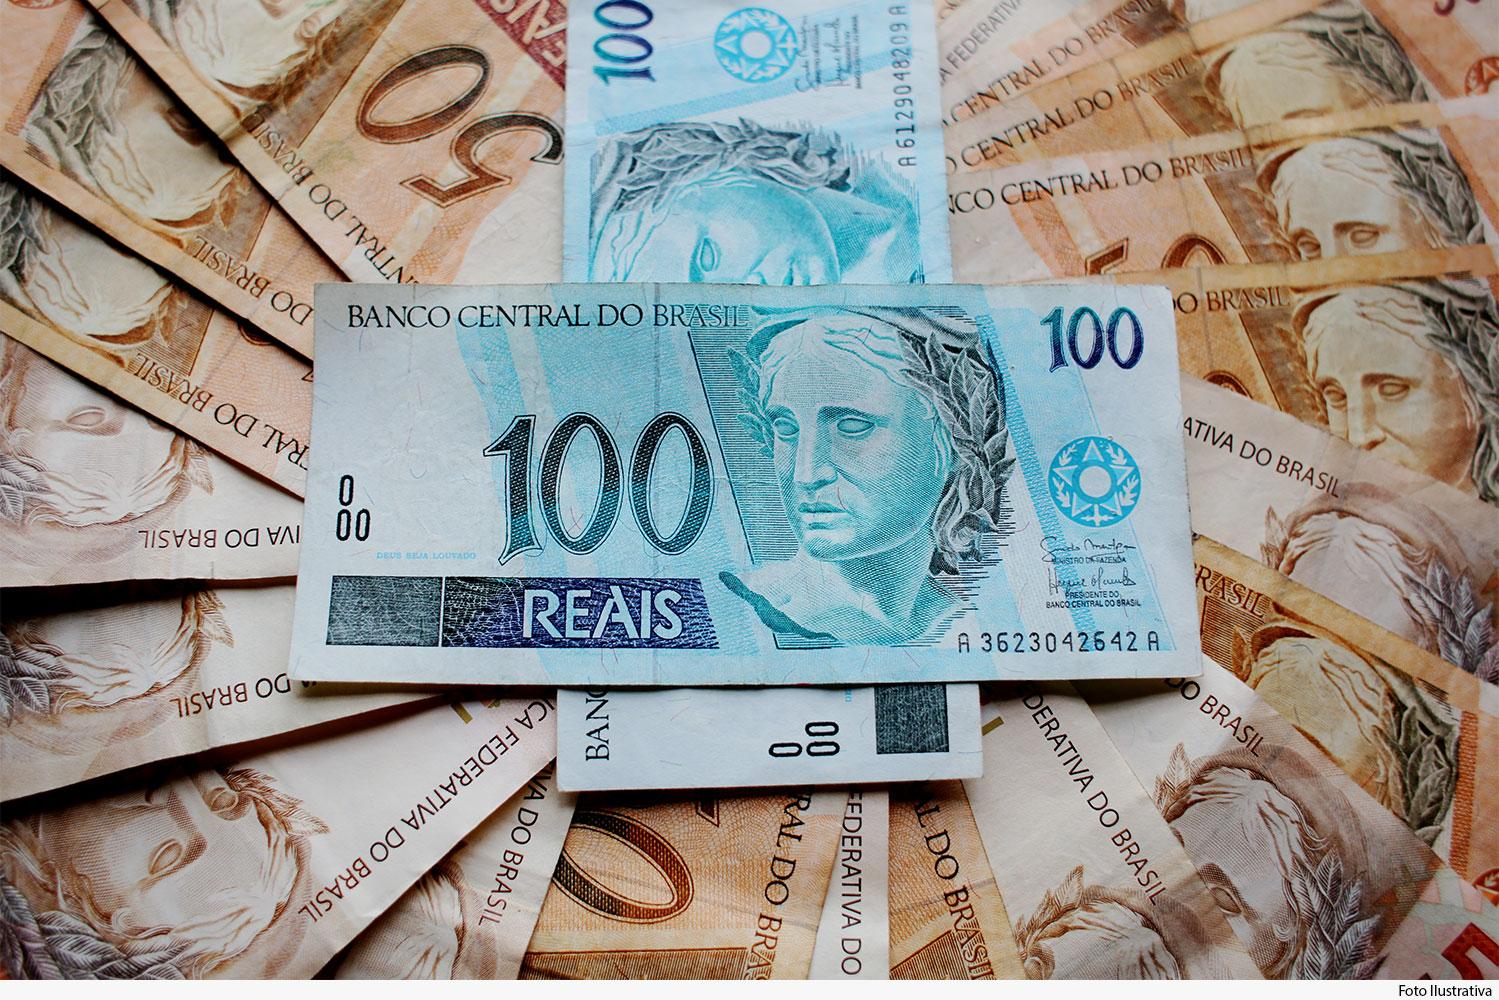 noticia-dinheiro.jpg